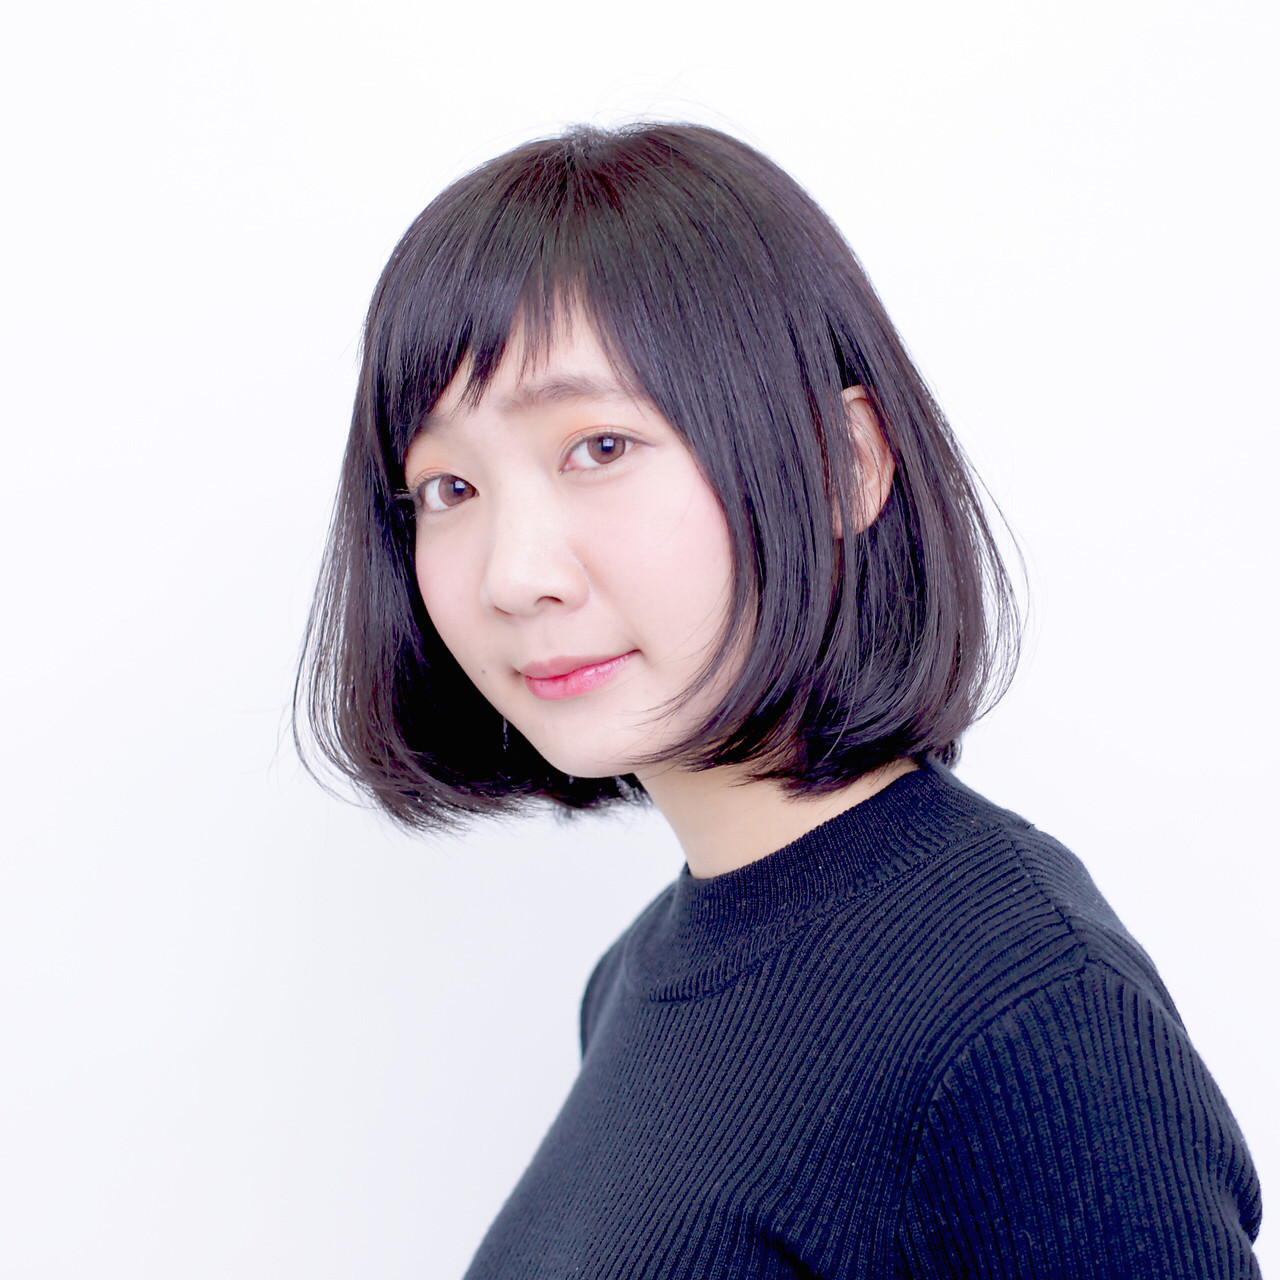 黒髪ショートボブ×アシメはクール感UP 渡辺 勇太 | bico札幌駅前店